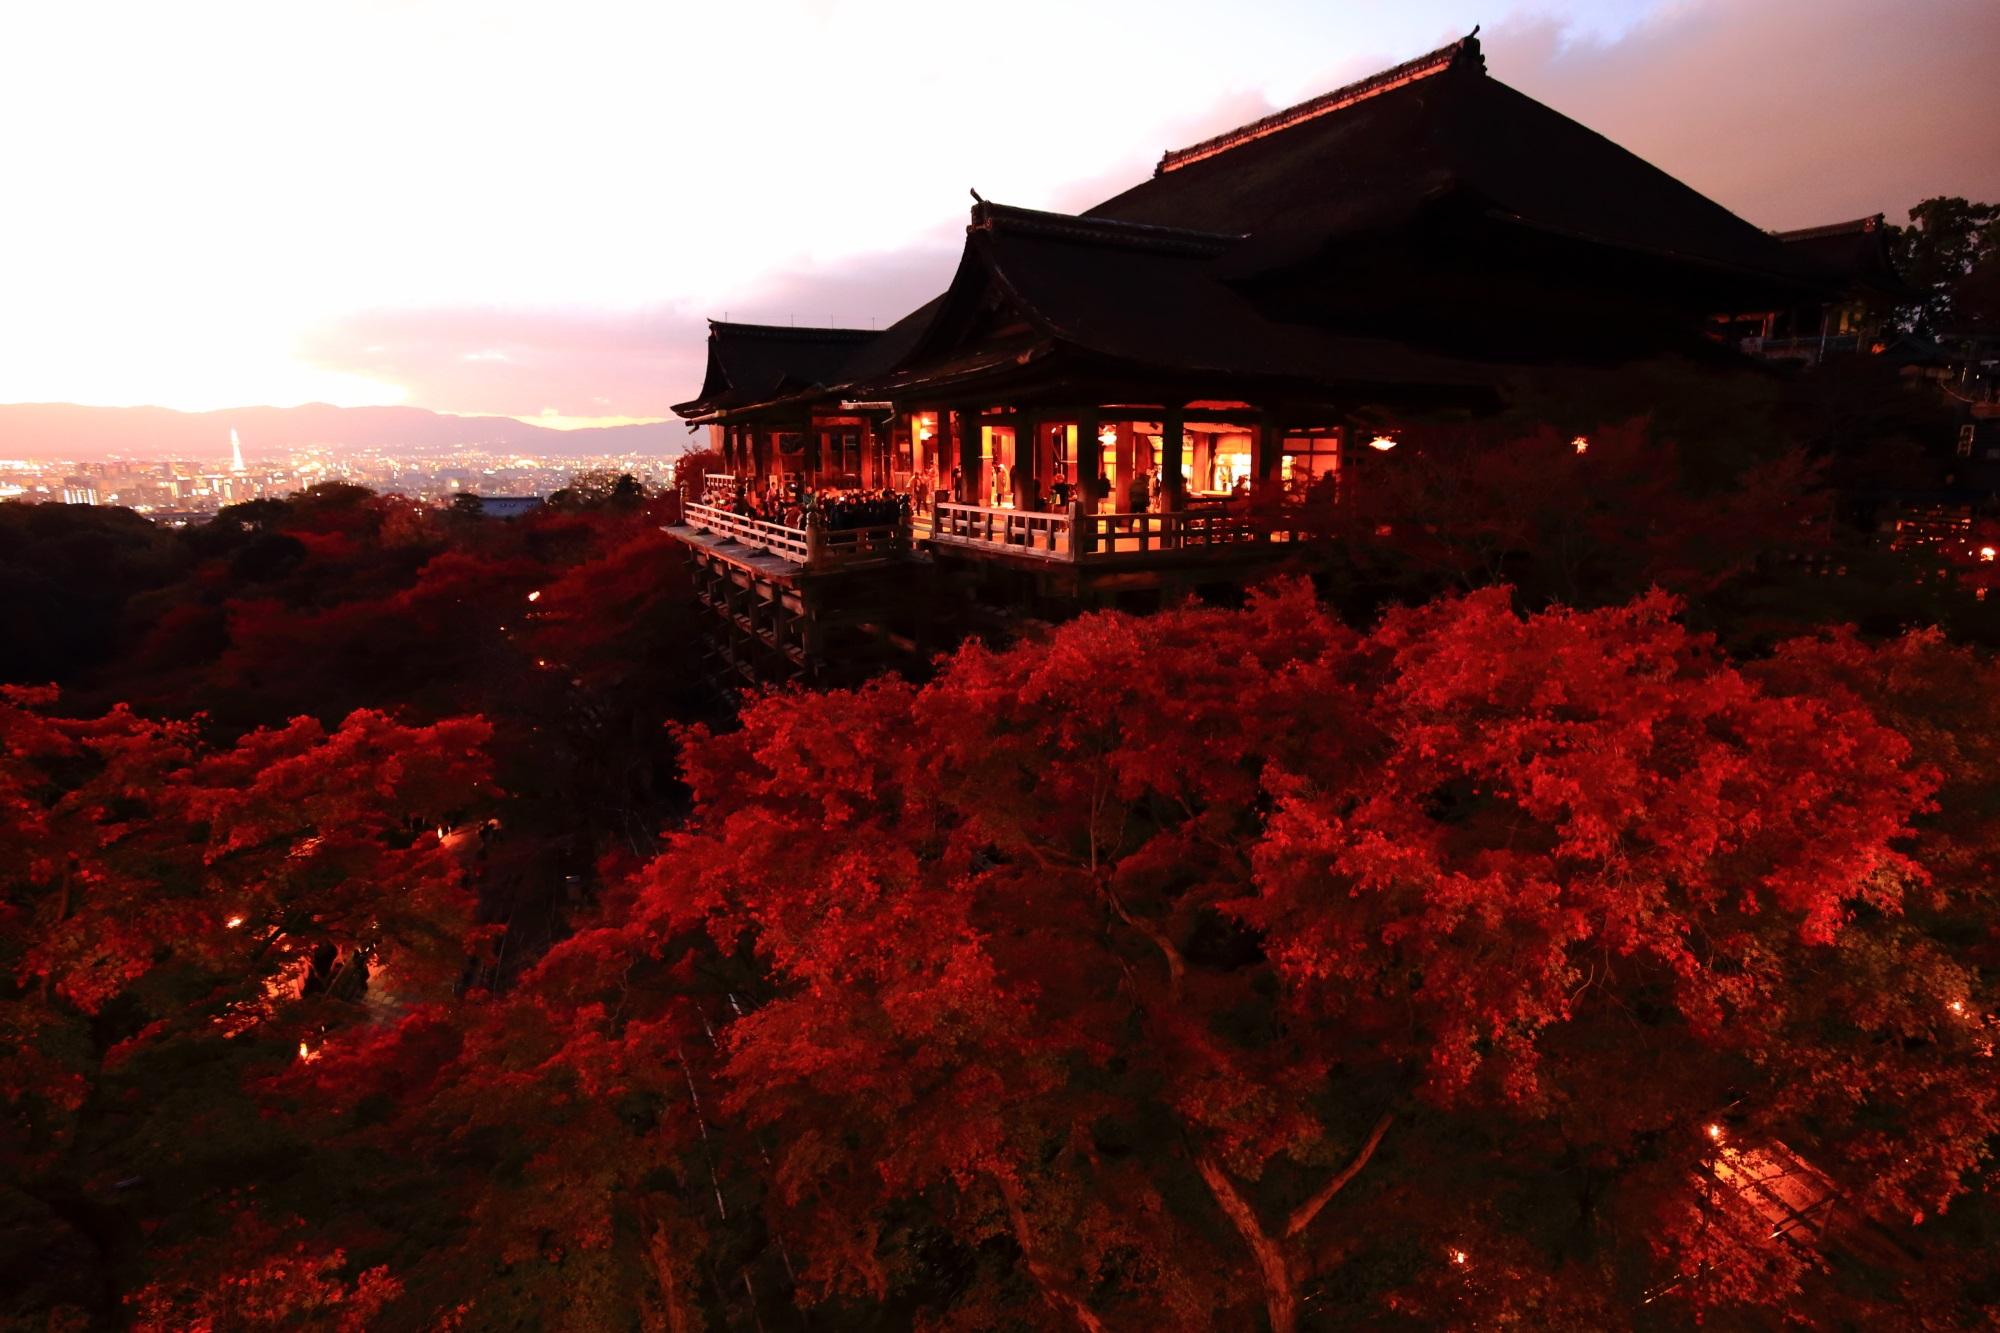 清水寺 夕焼け 紅葉 見ごろ 秋 真っ赤